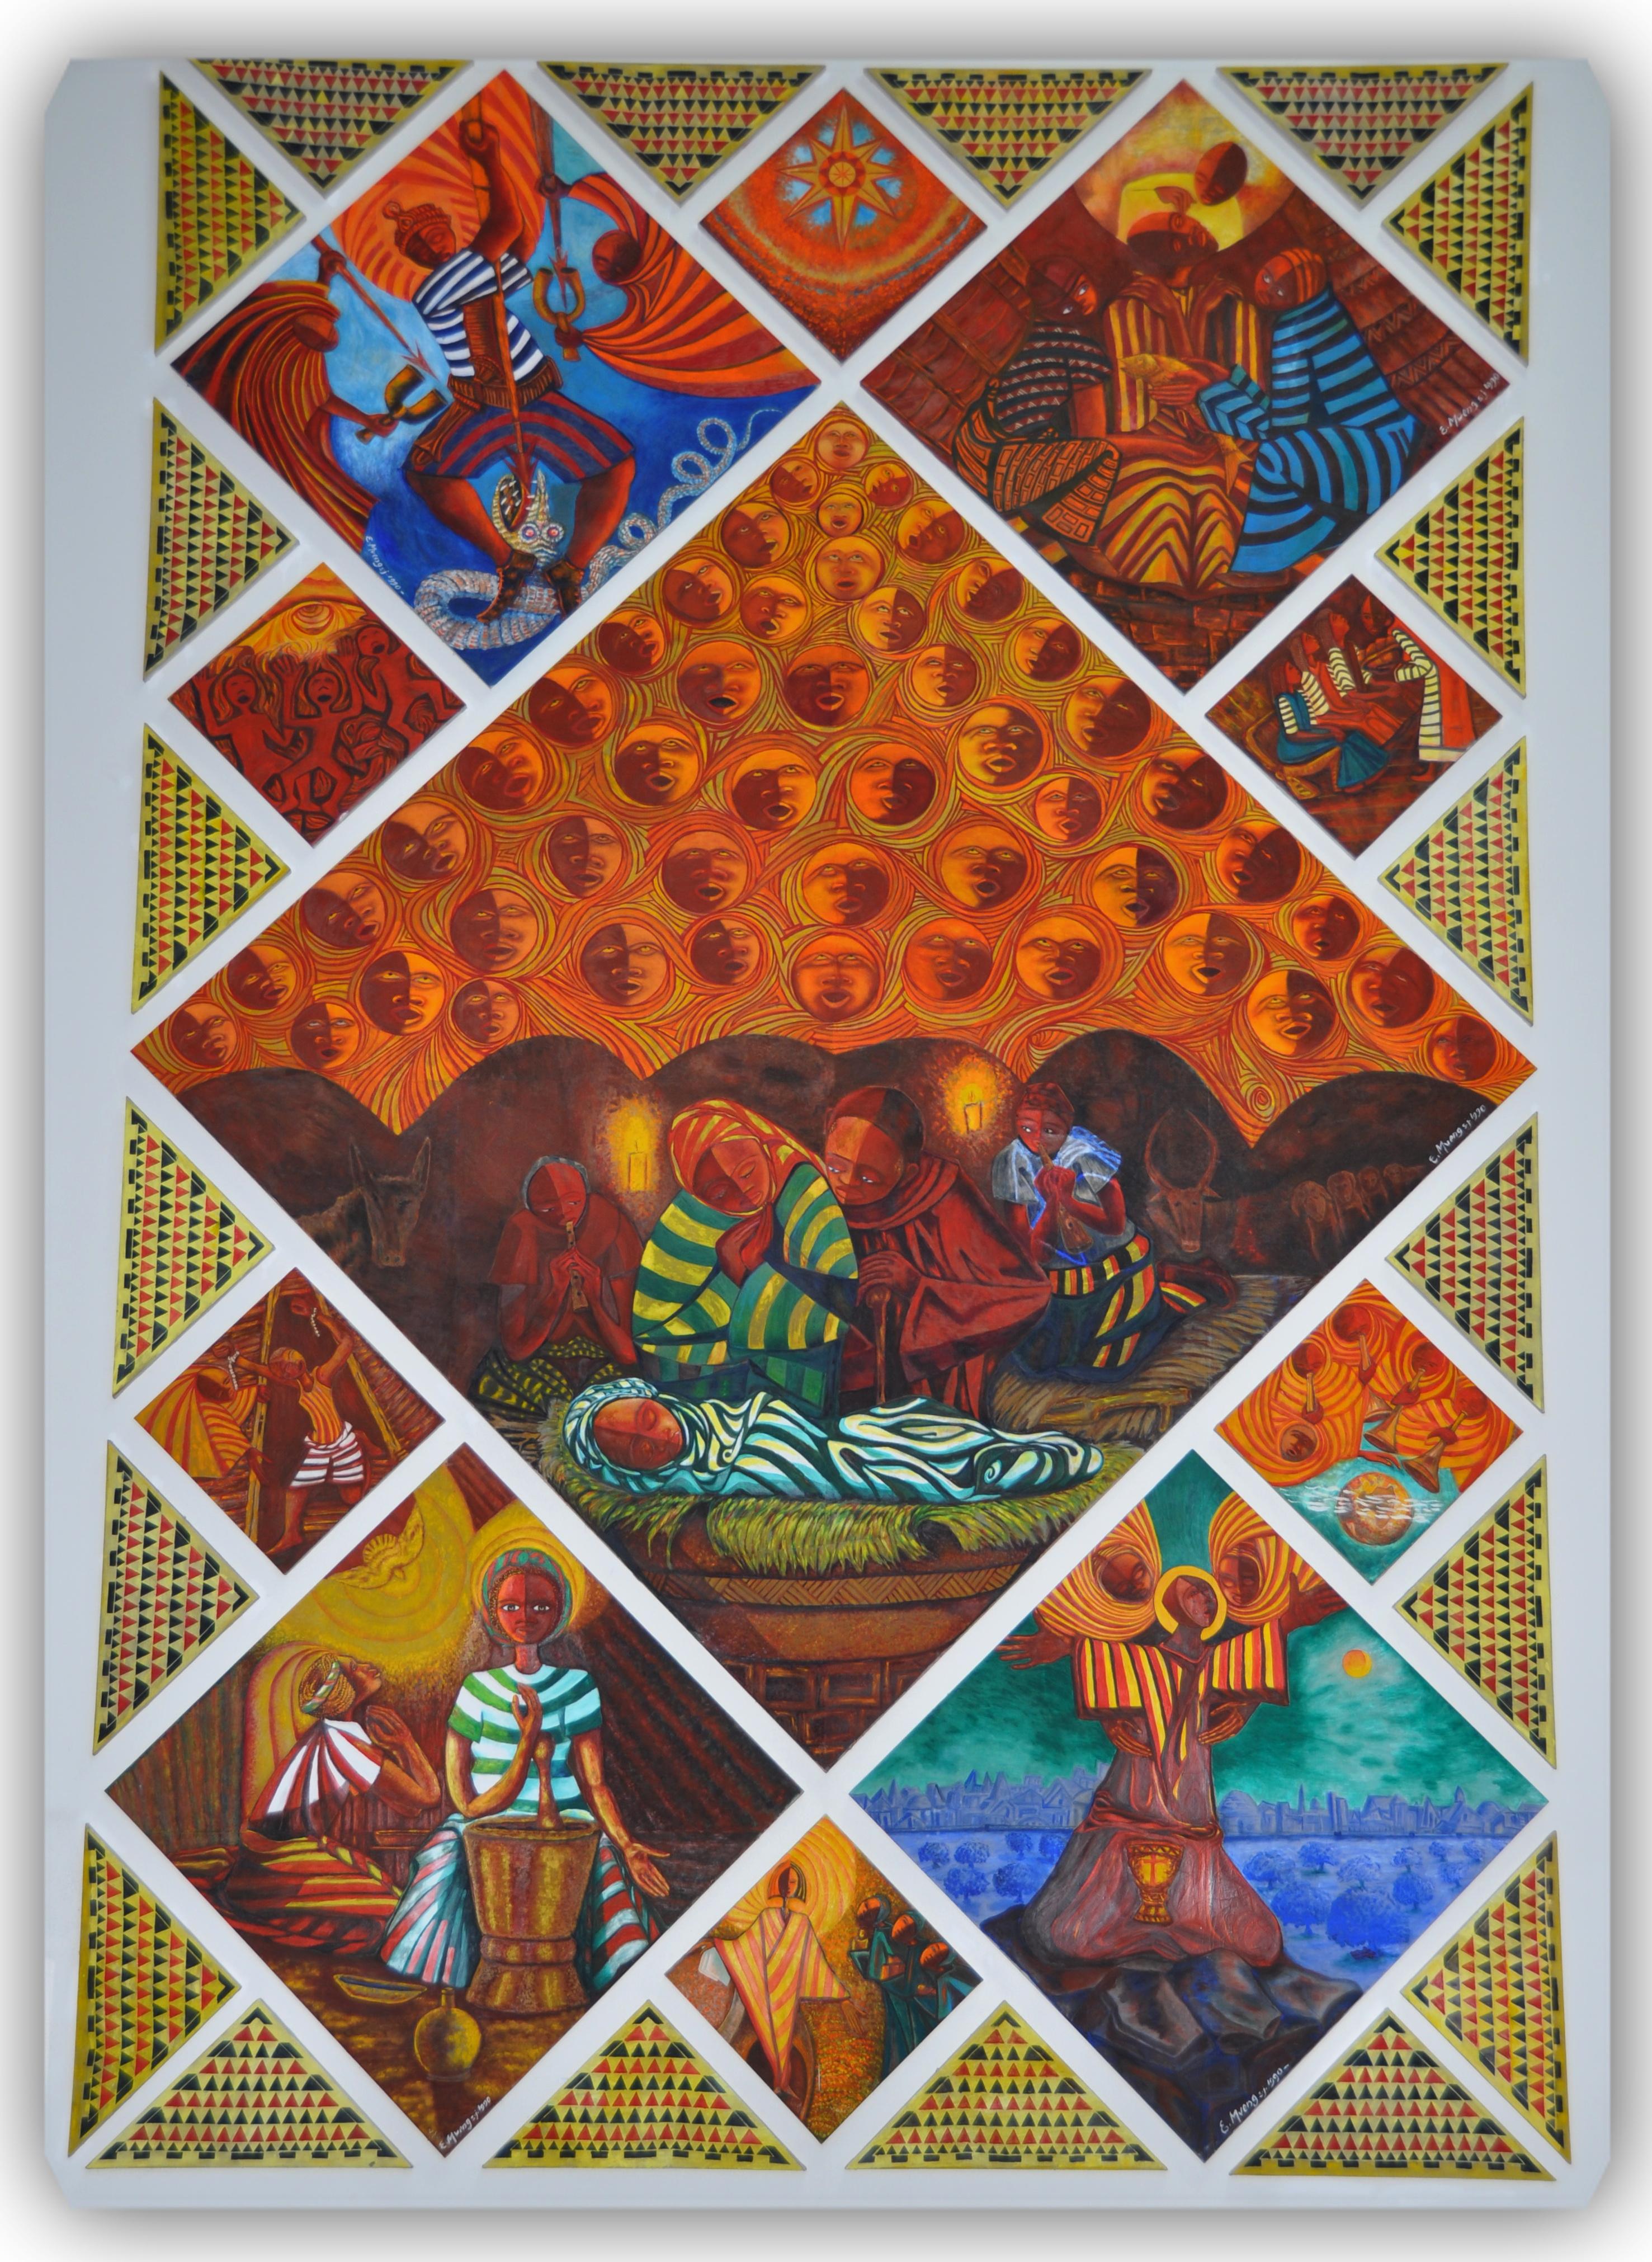 Holy Angels mural by Engelbert Mveng